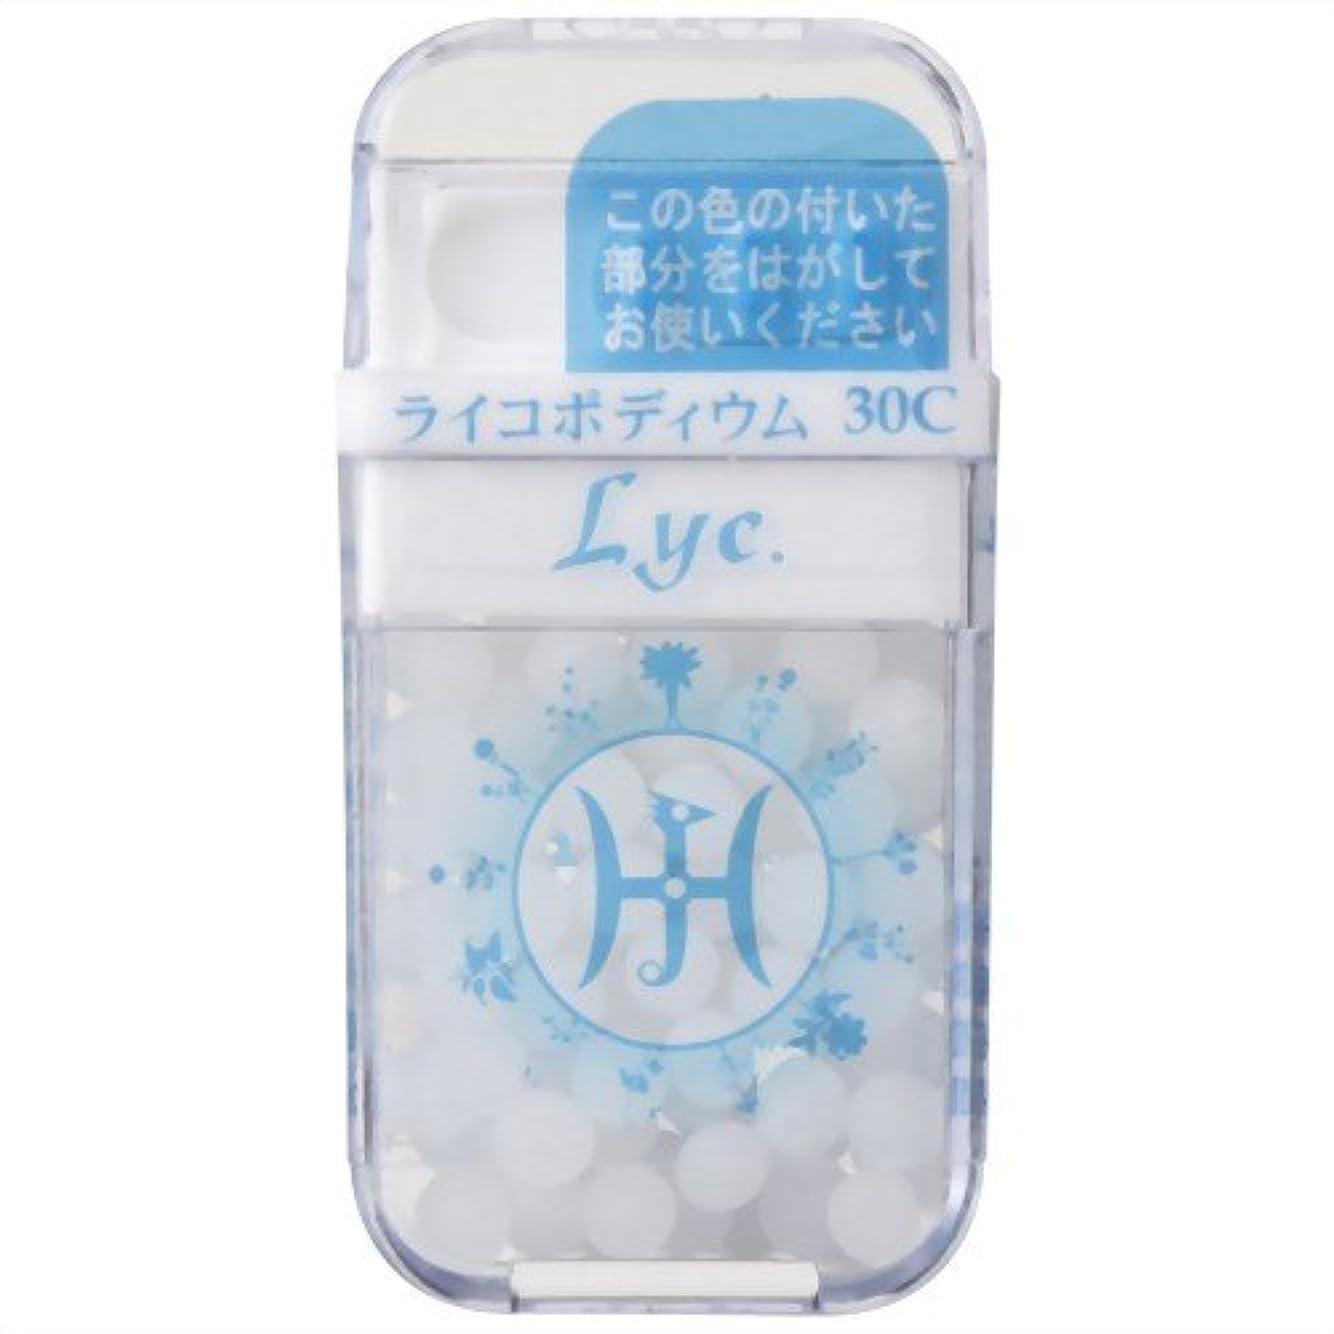 カジュアル現像にもかかわらずホメオパシージャパンレメディー Lyc.  ライコボディウム 30C (大ビン)